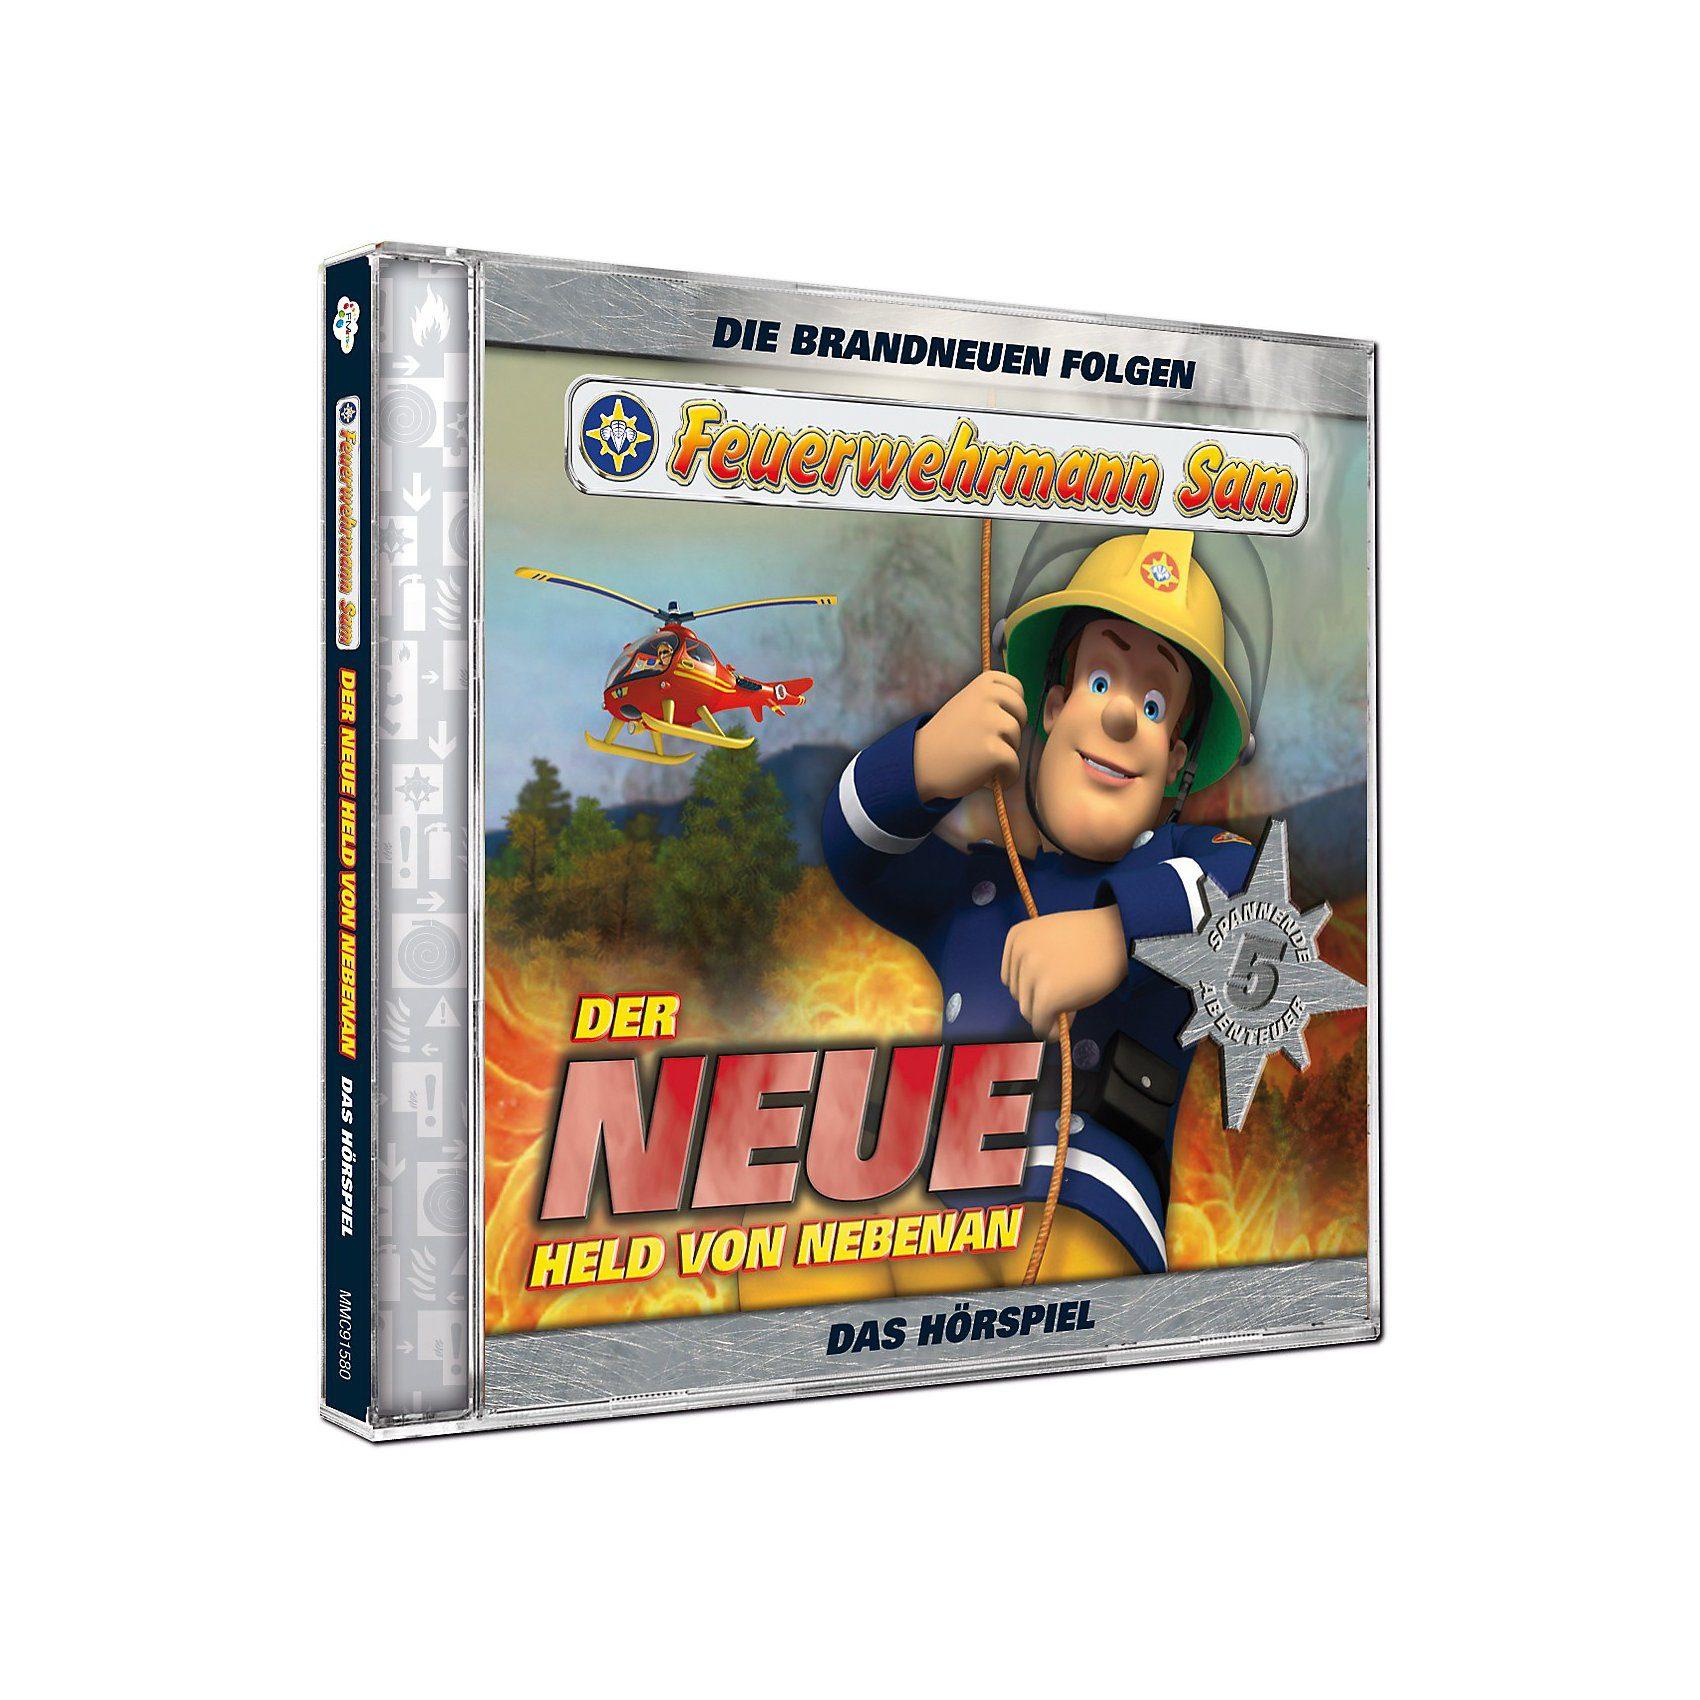 Just Bridge Entertainment CD Feuerwehrmann Sam - Der neue Held von nebenan 1